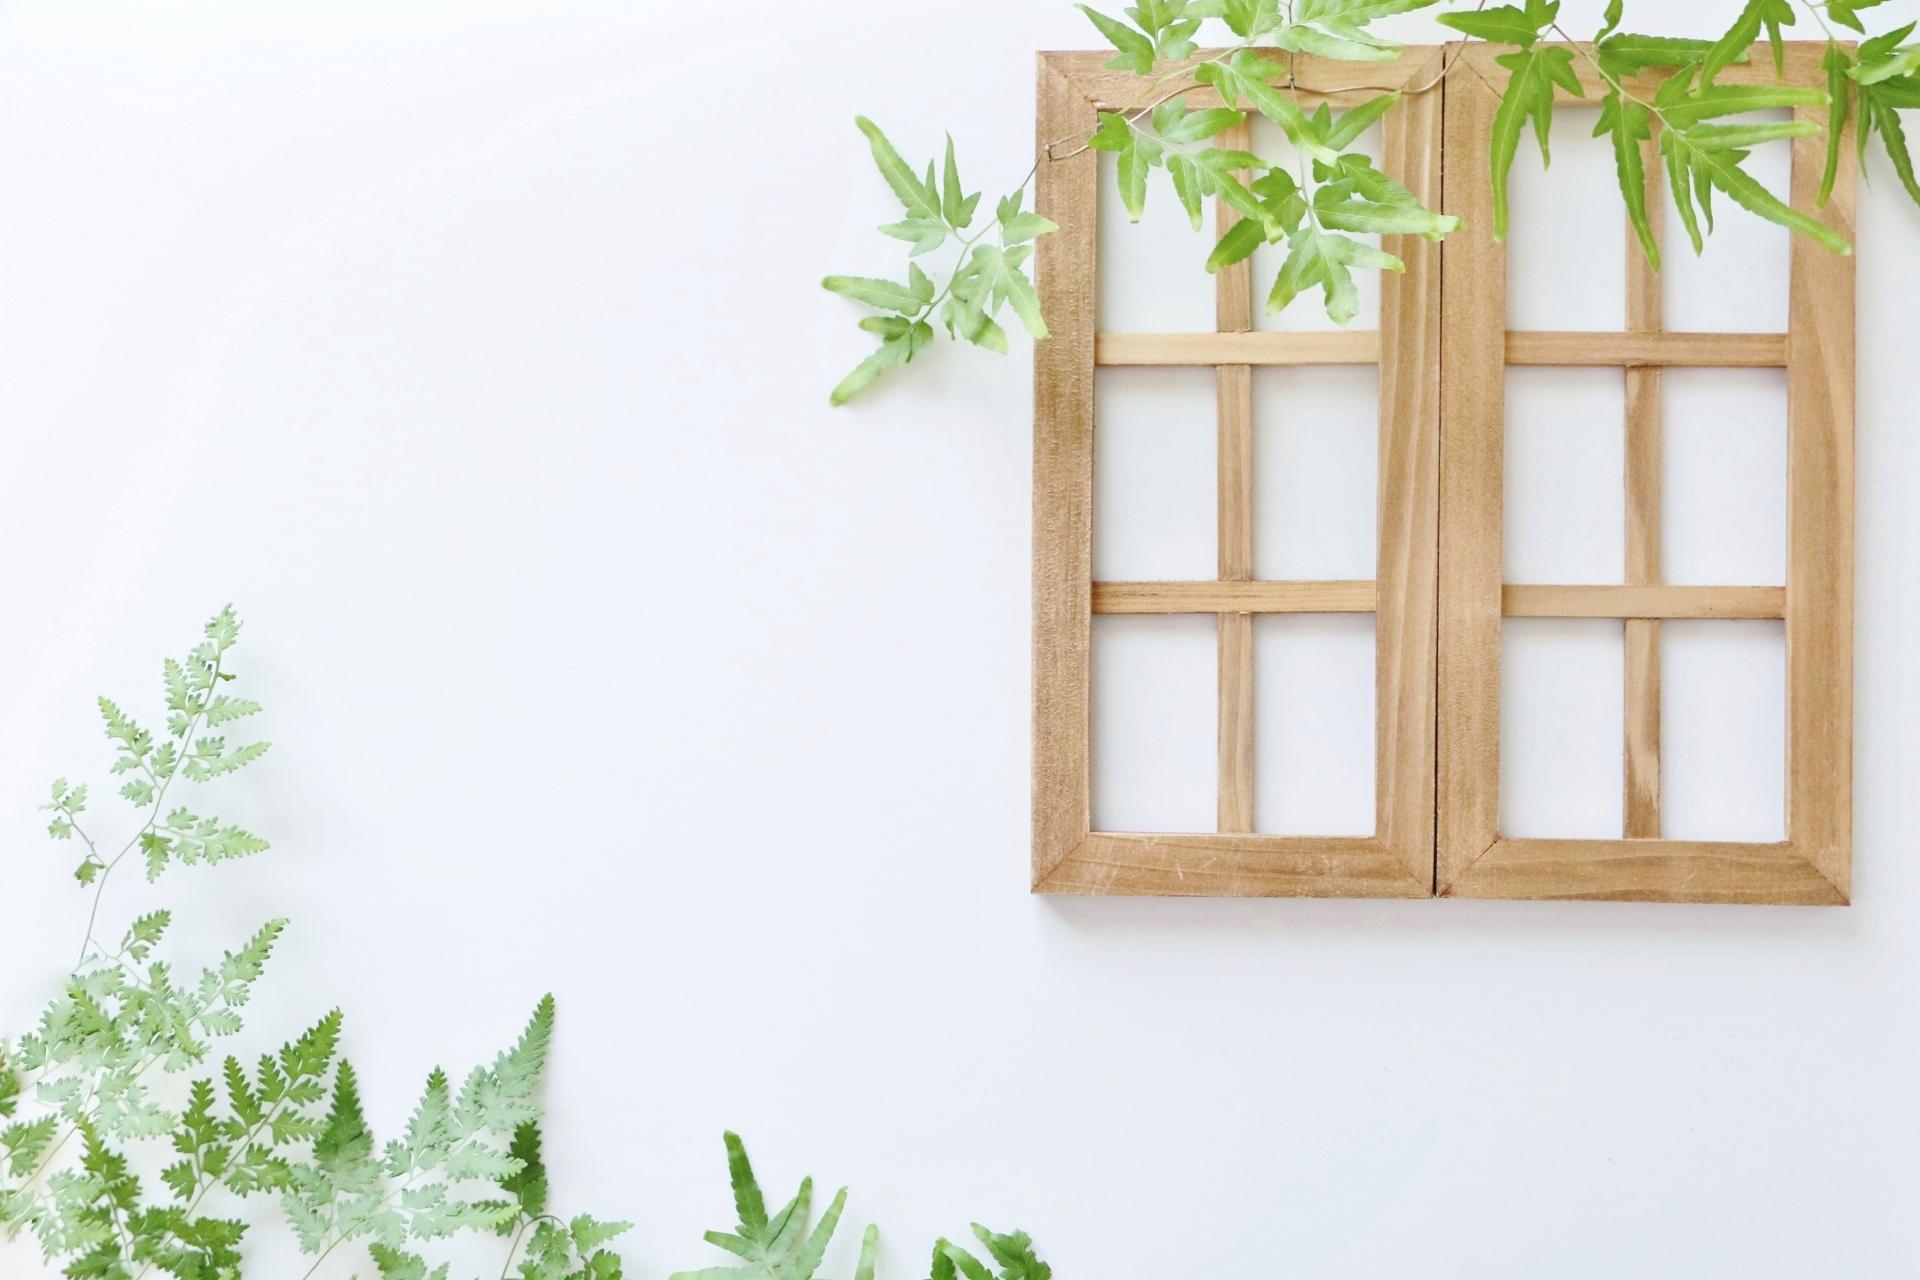 あなたのお家の窓はキレイにしていますか?